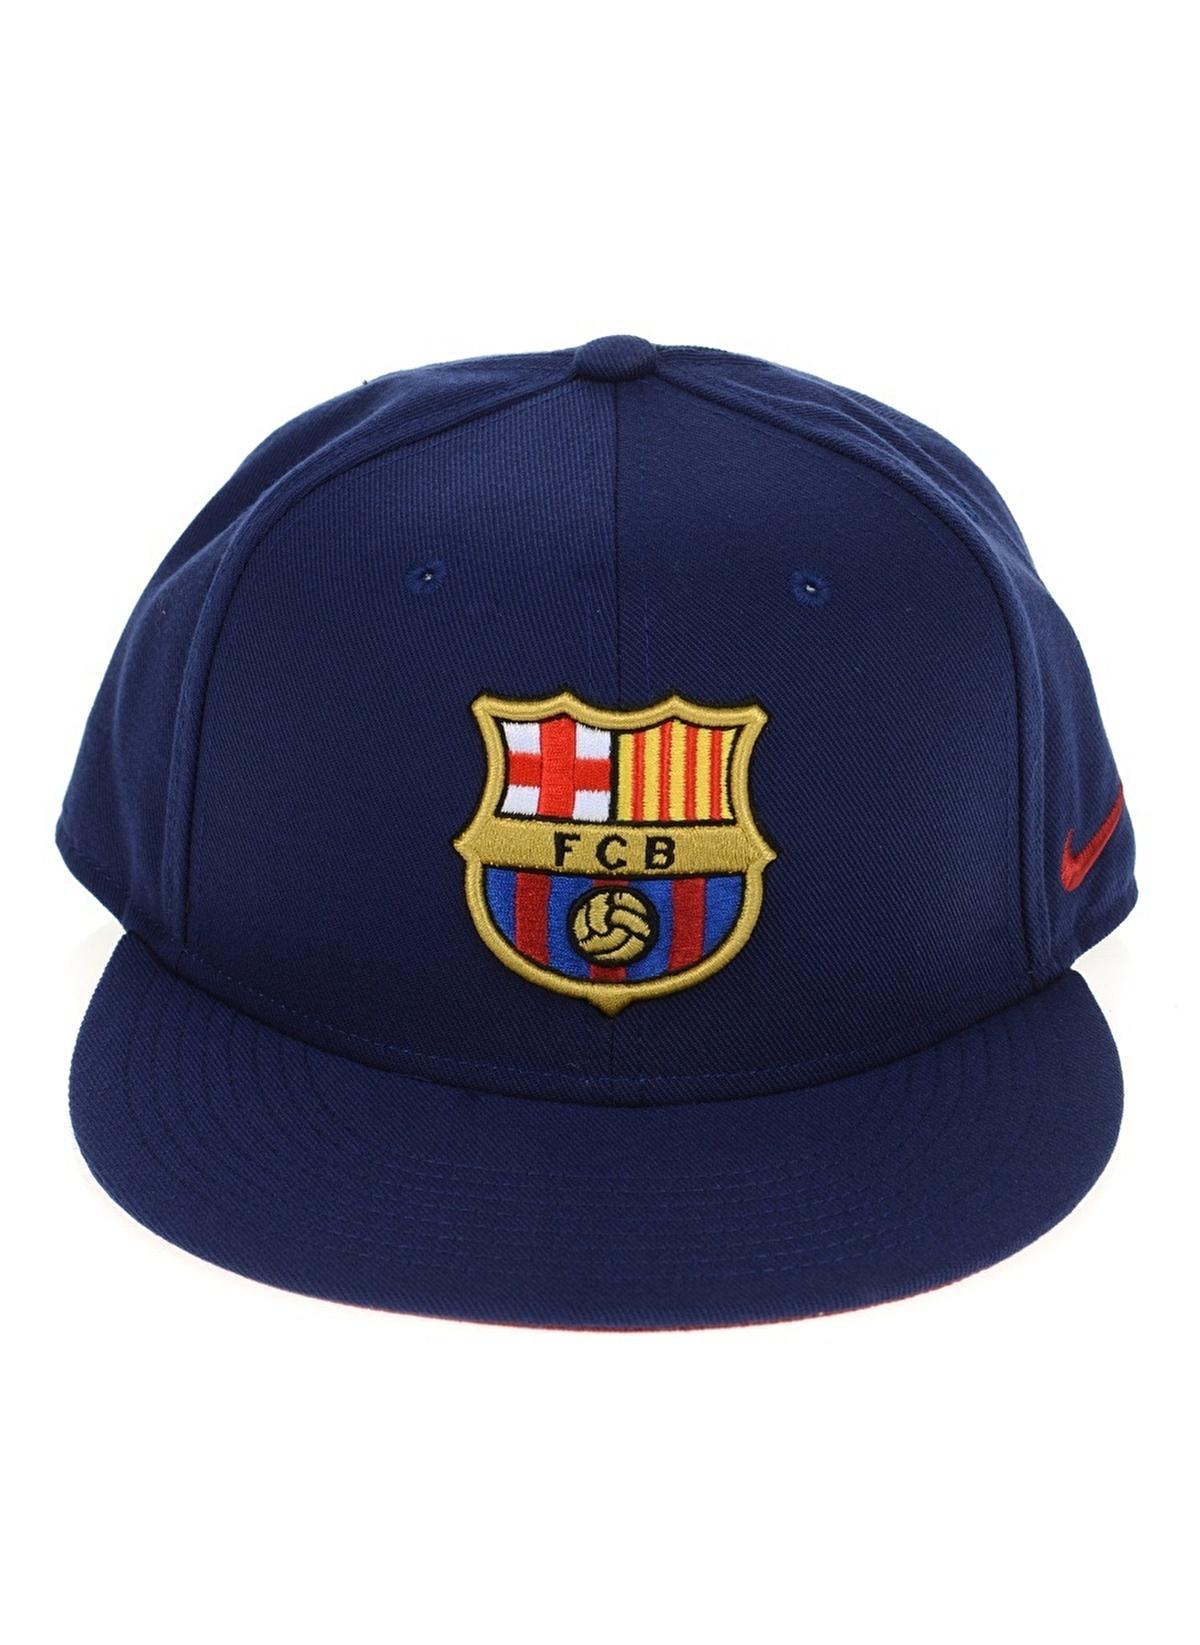 Nike Erkek Şapka Loyal Blue Stormred Black Stor  56aa003773